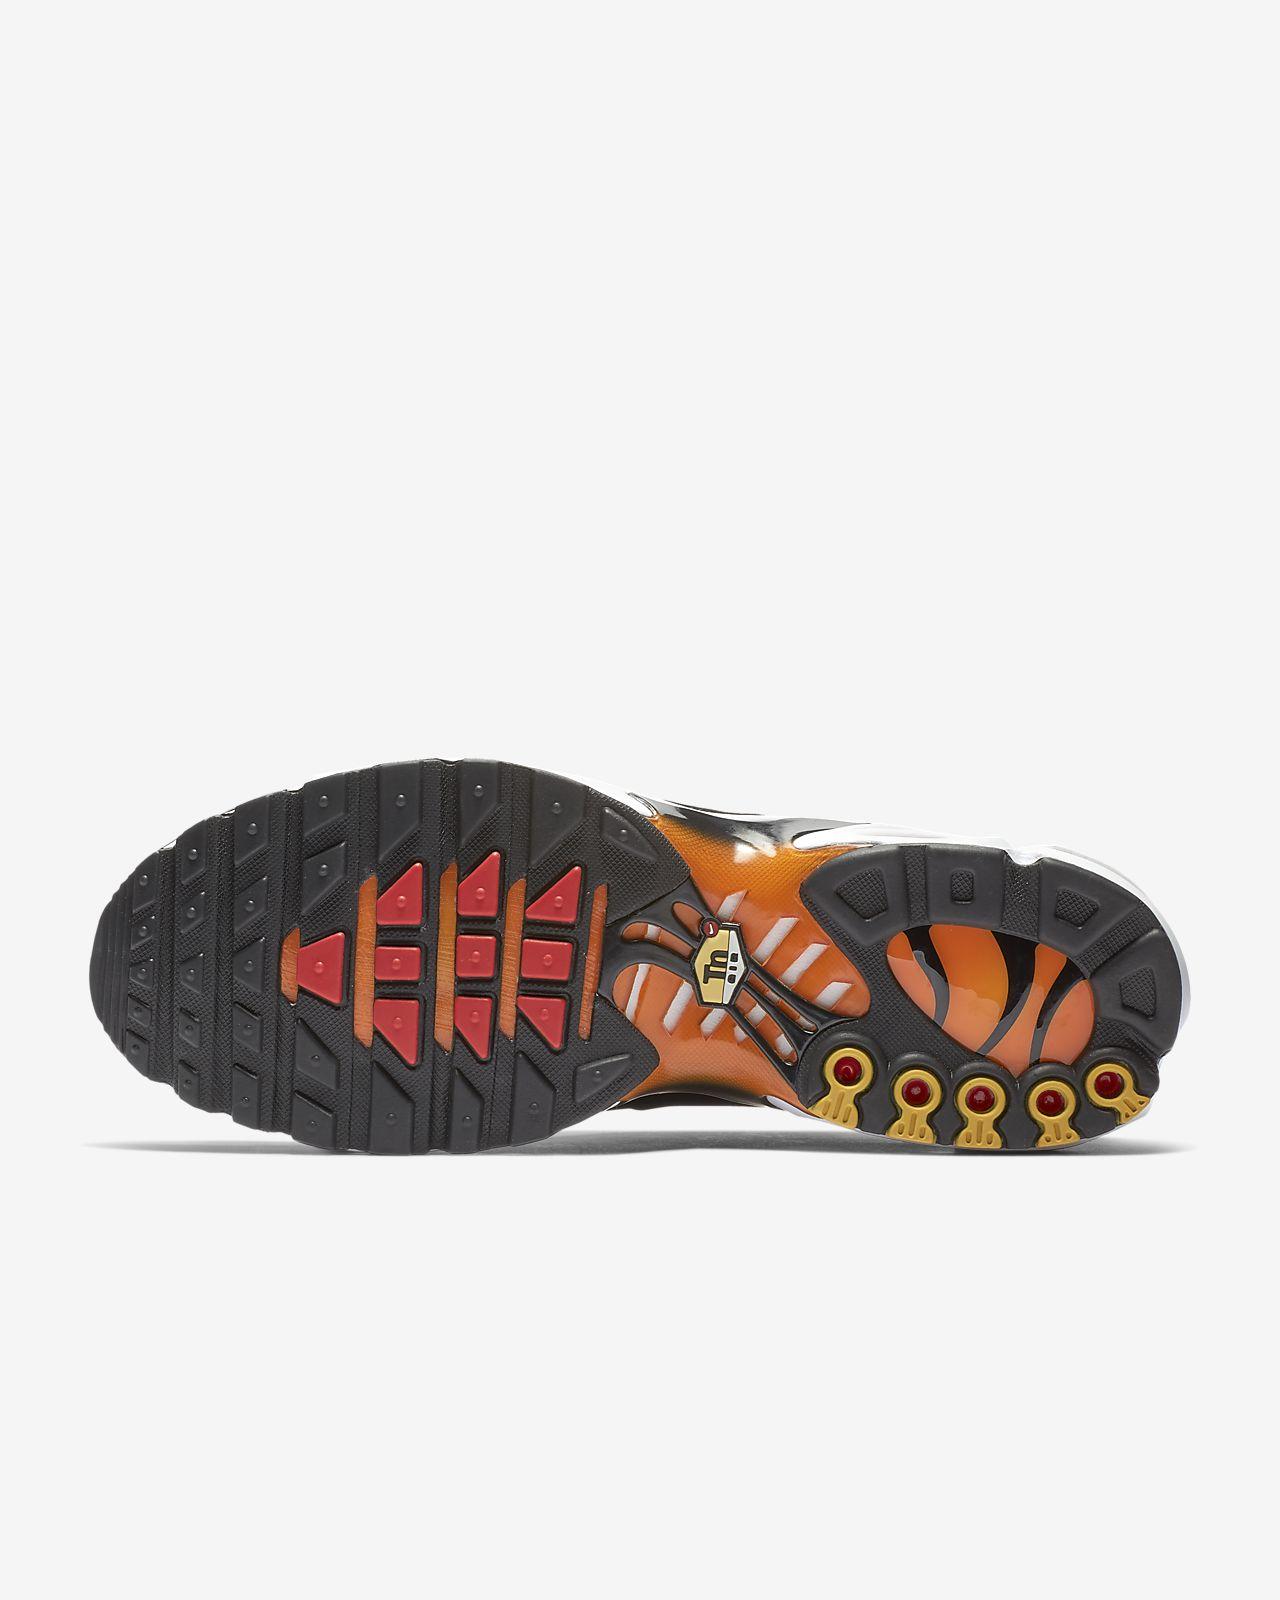 9a6dd1e98e Nike Air Max Plus OG cipő. Nike.com HU